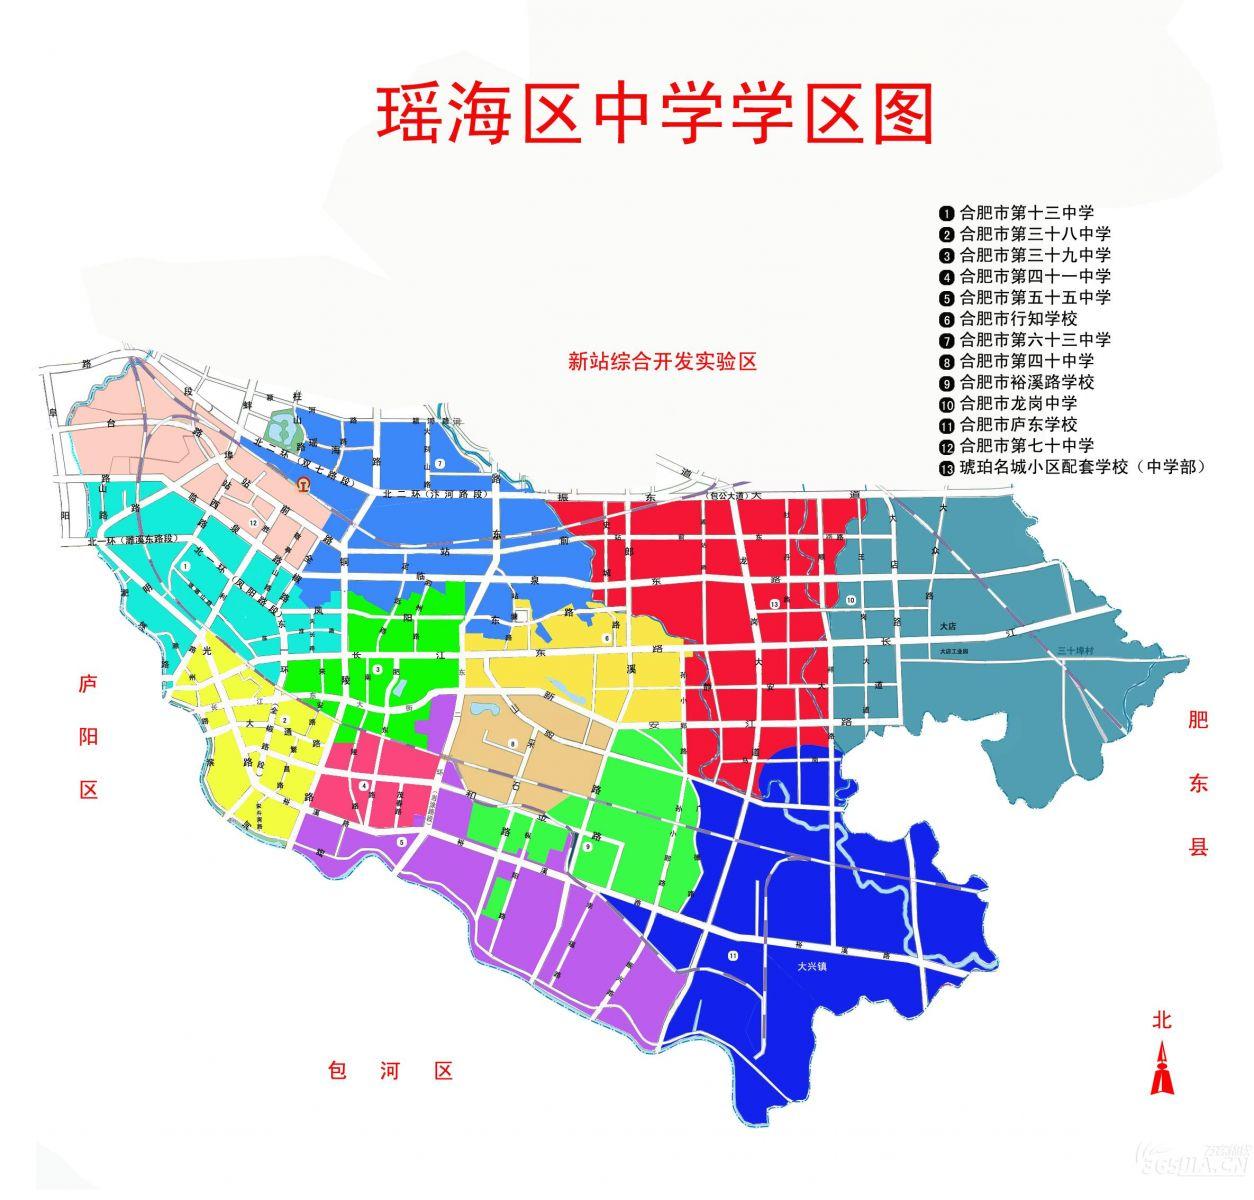 2015昆山学区划分图最新图库,吉林市学区划分图,吉林市学区划分图